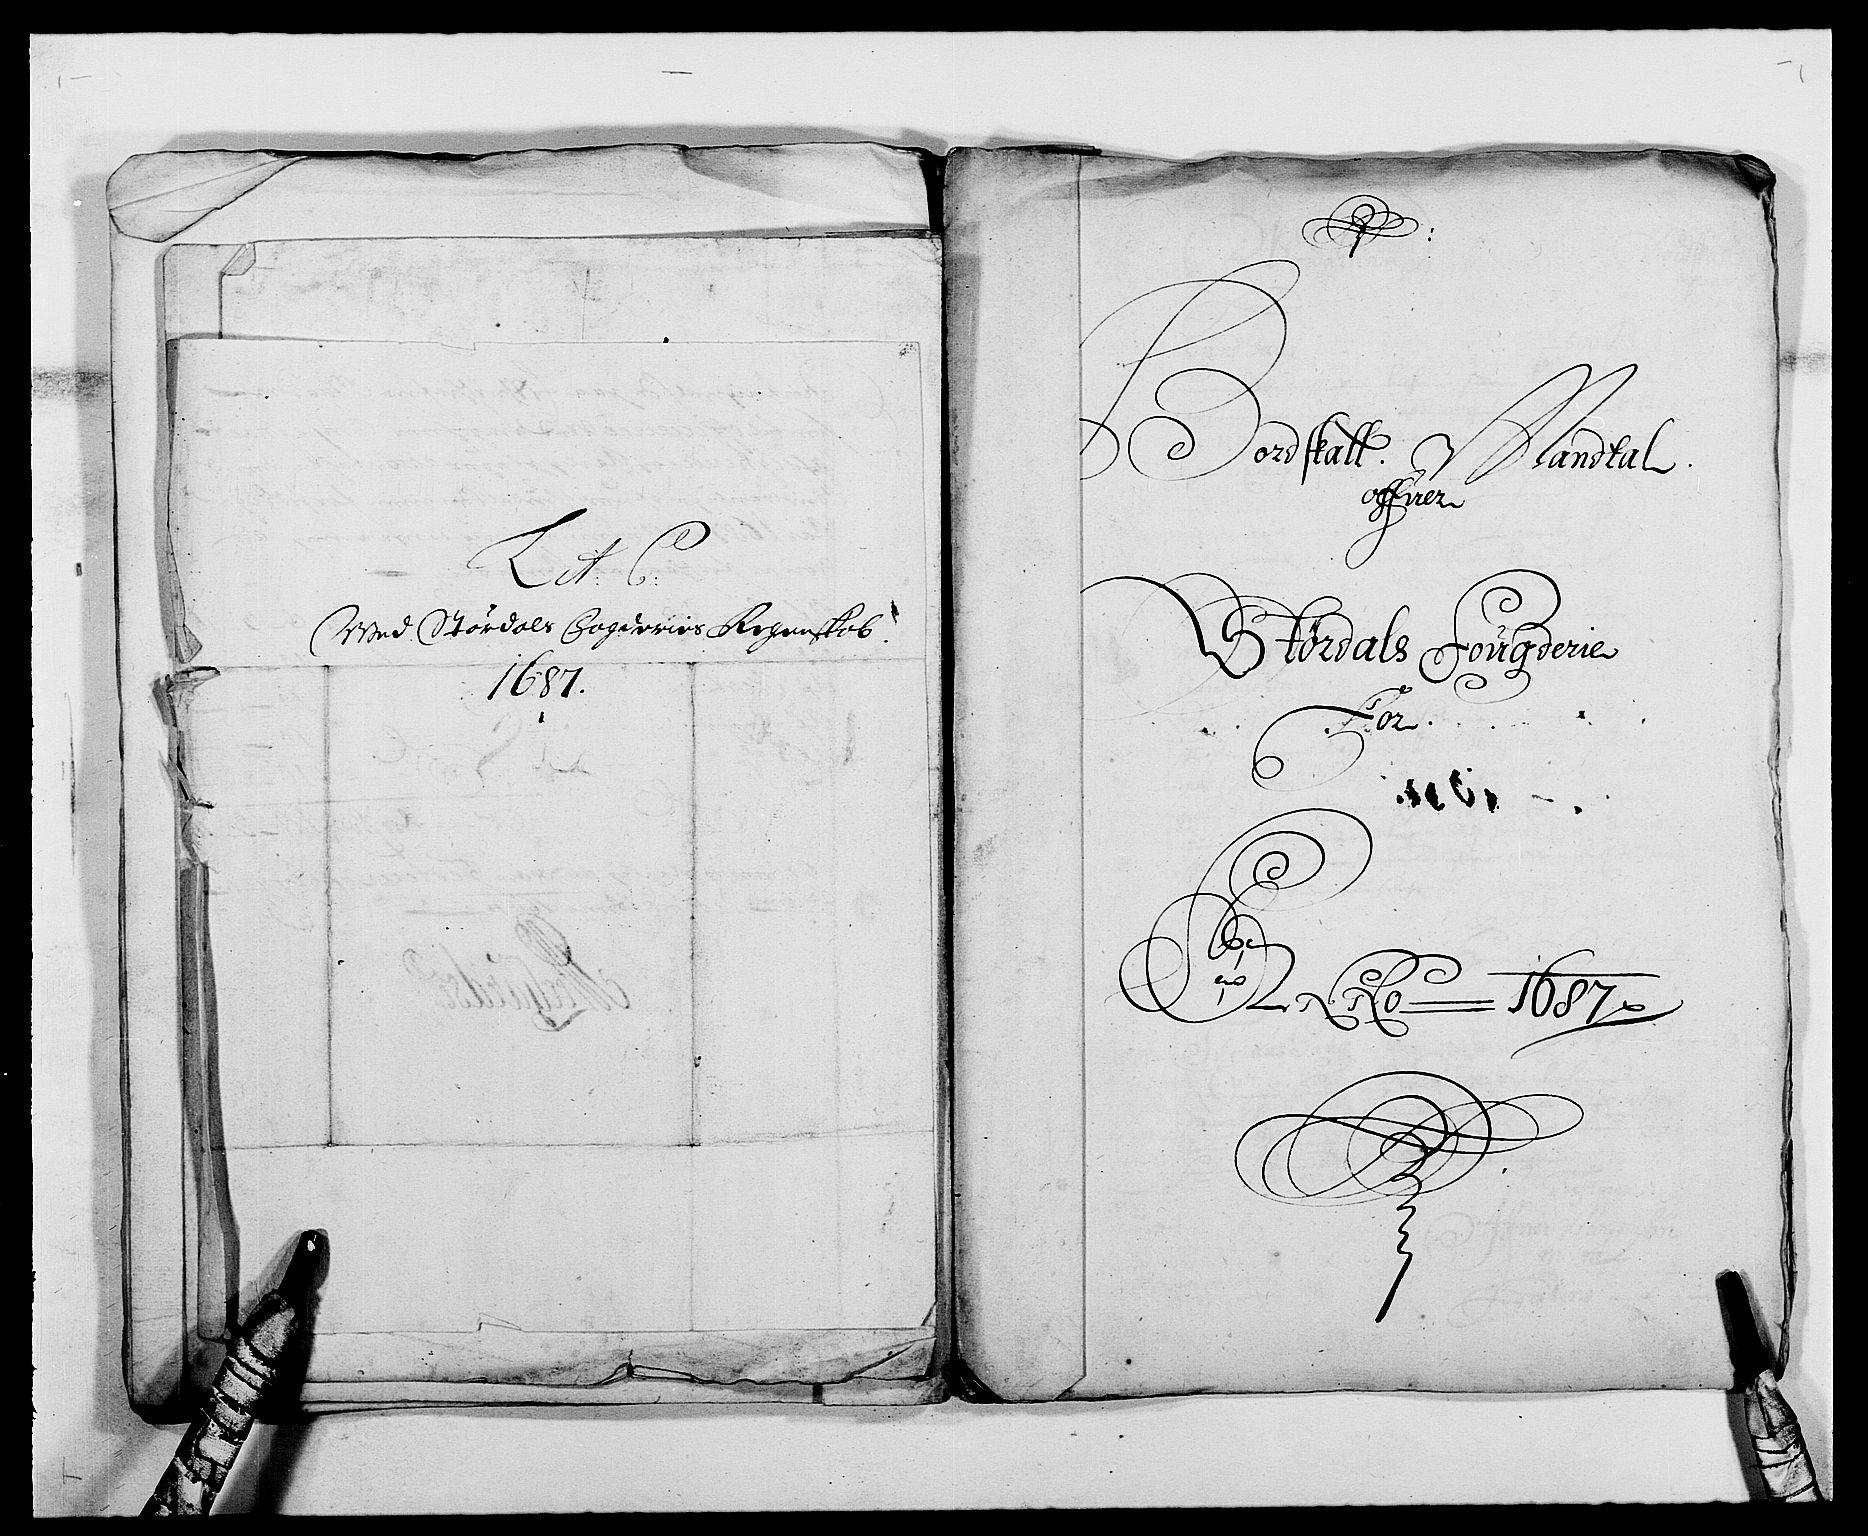 RA, Rentekammeret inntil 1814, Reviderte regnskaper, Fogderegnskap, R62/L4183: Fogderegnskap Stjørdal og Verdal, 1687-1689, s. 48